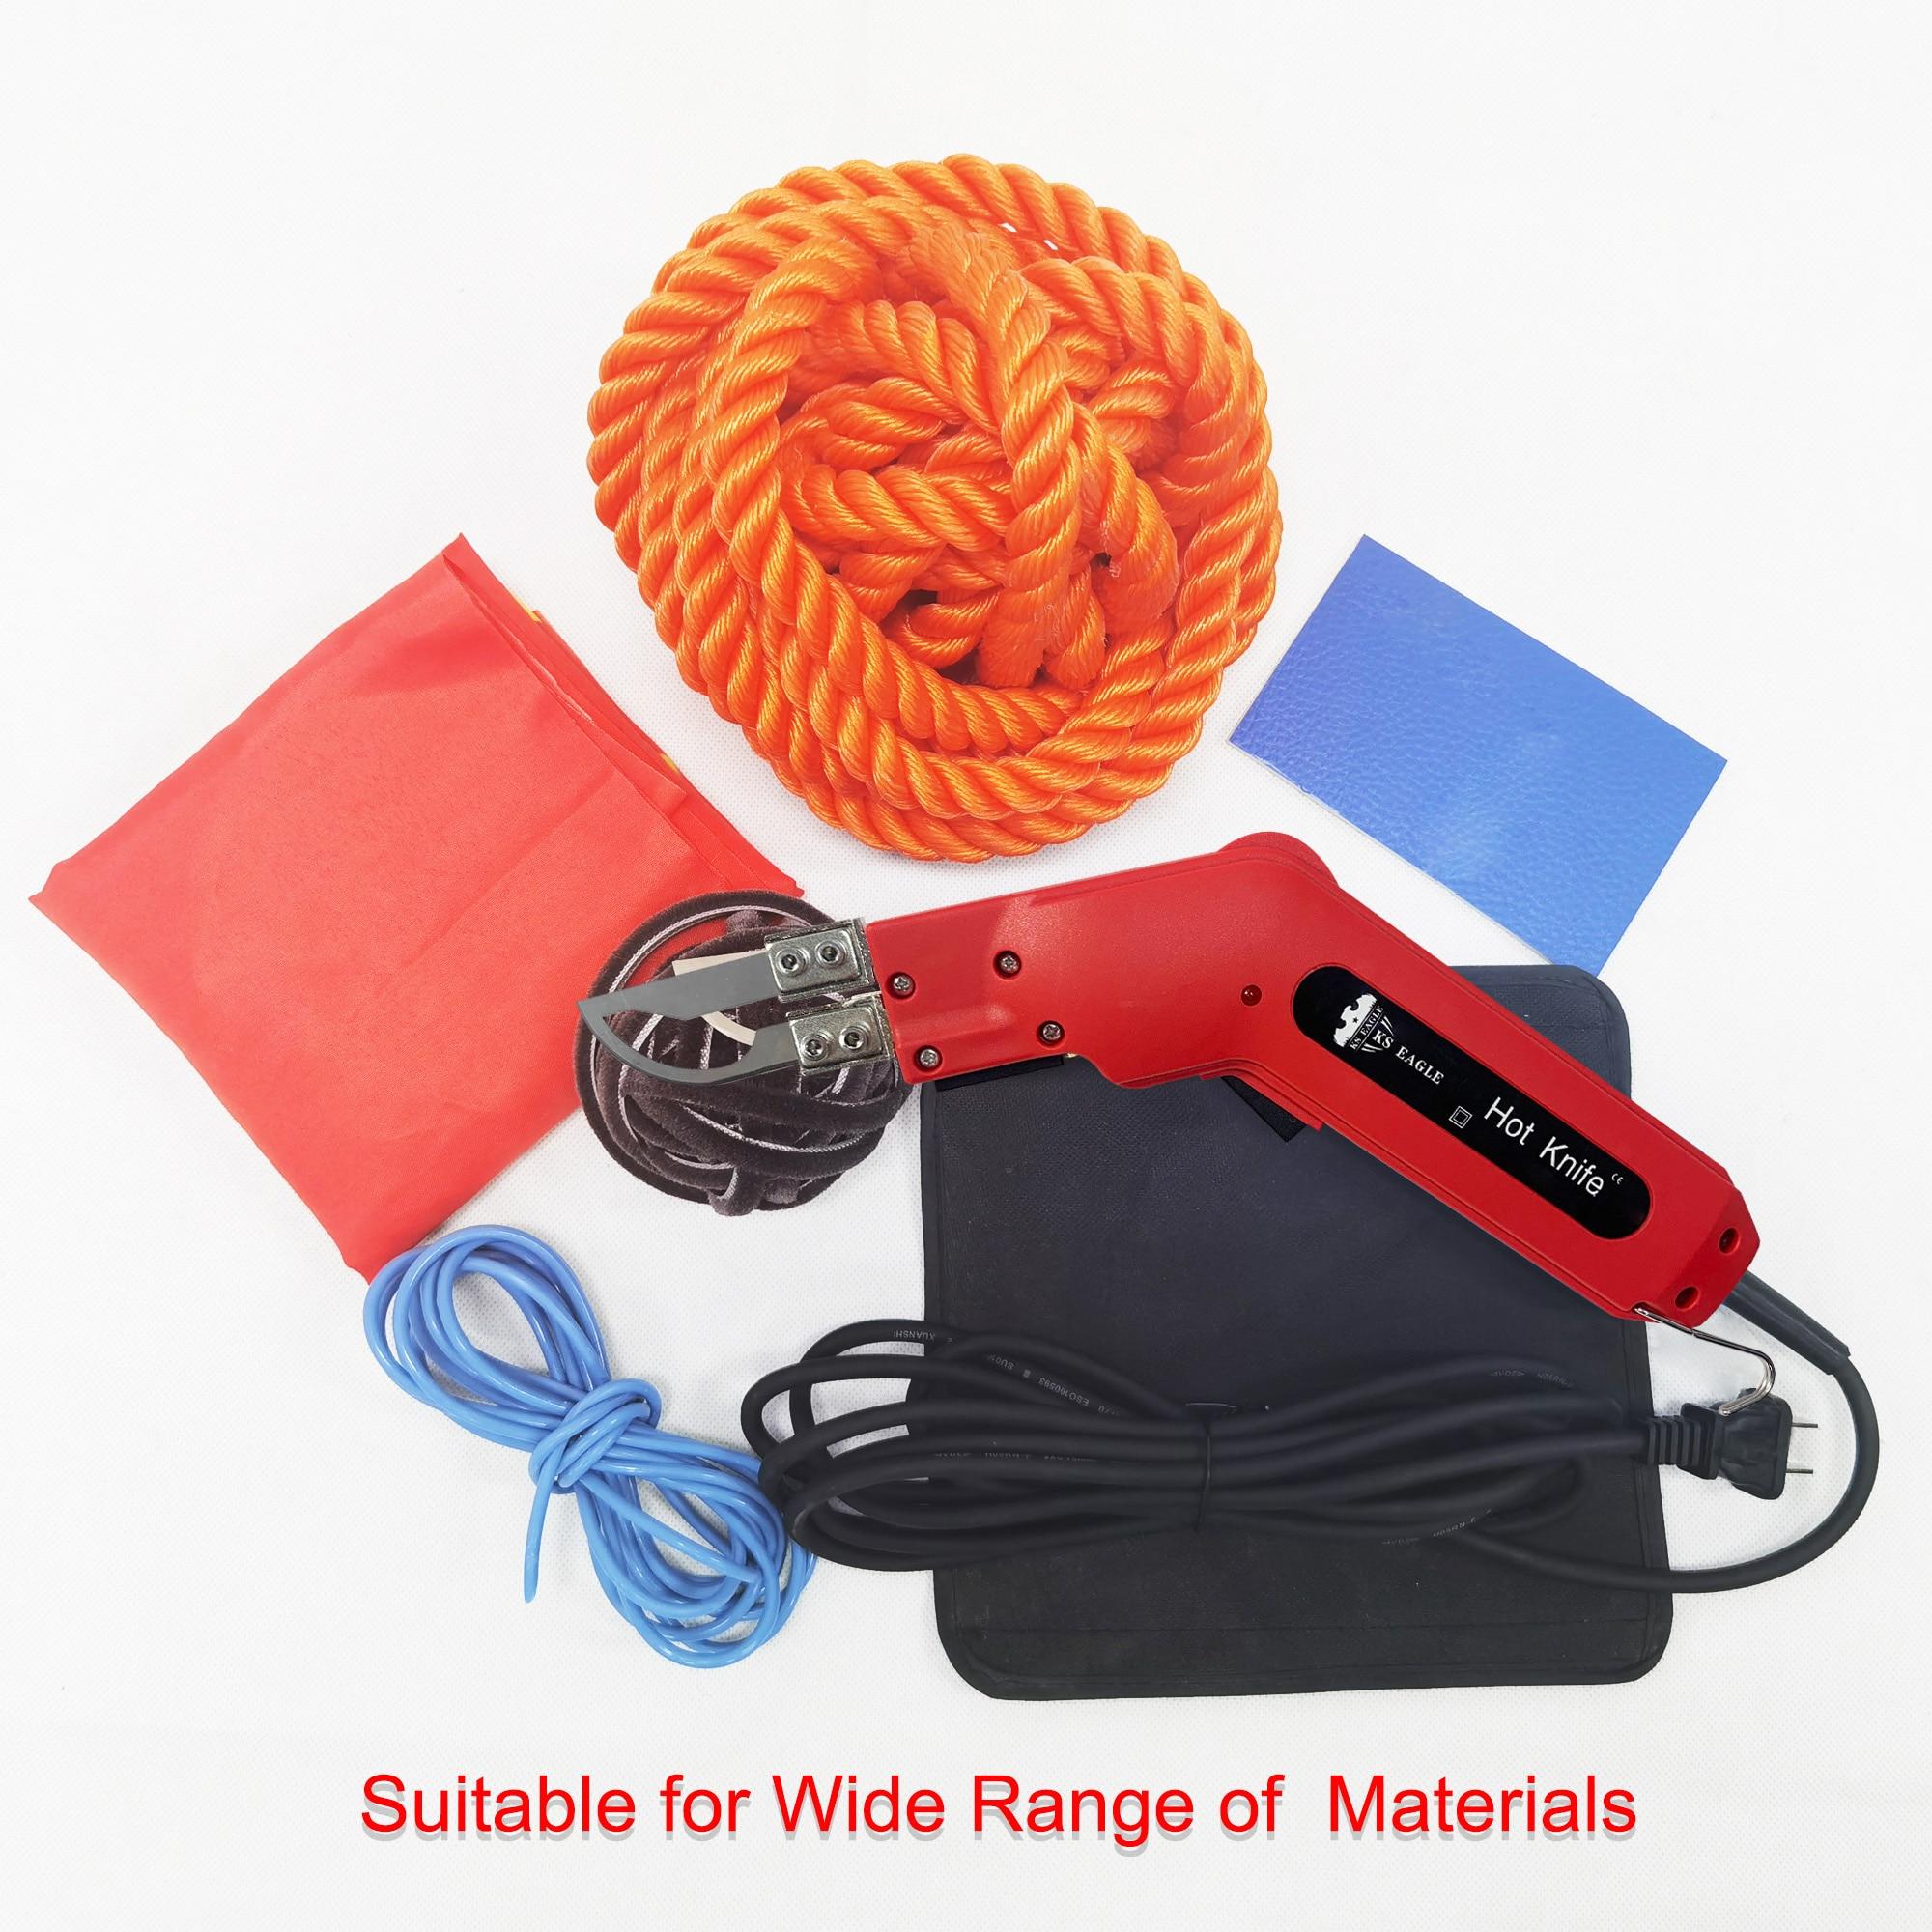 KS النسر الكهربائية الساخن سكين الحرارية القاطع باليد الحرارة القاطع رغوة قطع أدوات غير المنسوجة النسيج حبل الستار أسلاك التسخين